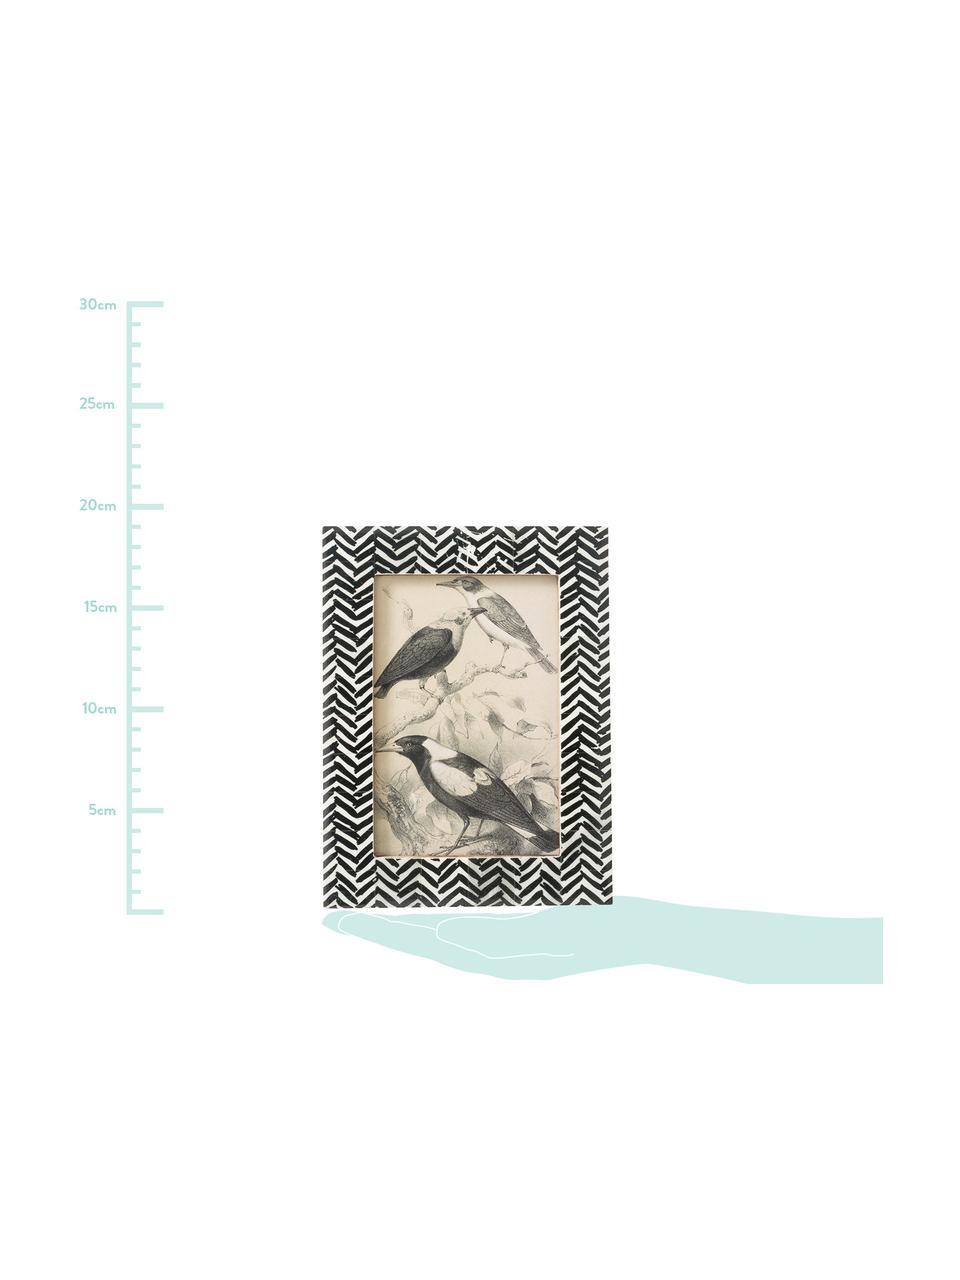 Bilderrahmen Zack, Rahmen: Büffelknochen, Front: Glas, Rückseite: Mitteldichte Holzfaserpla, Schwarz, Weiß, 10 x 15 cm